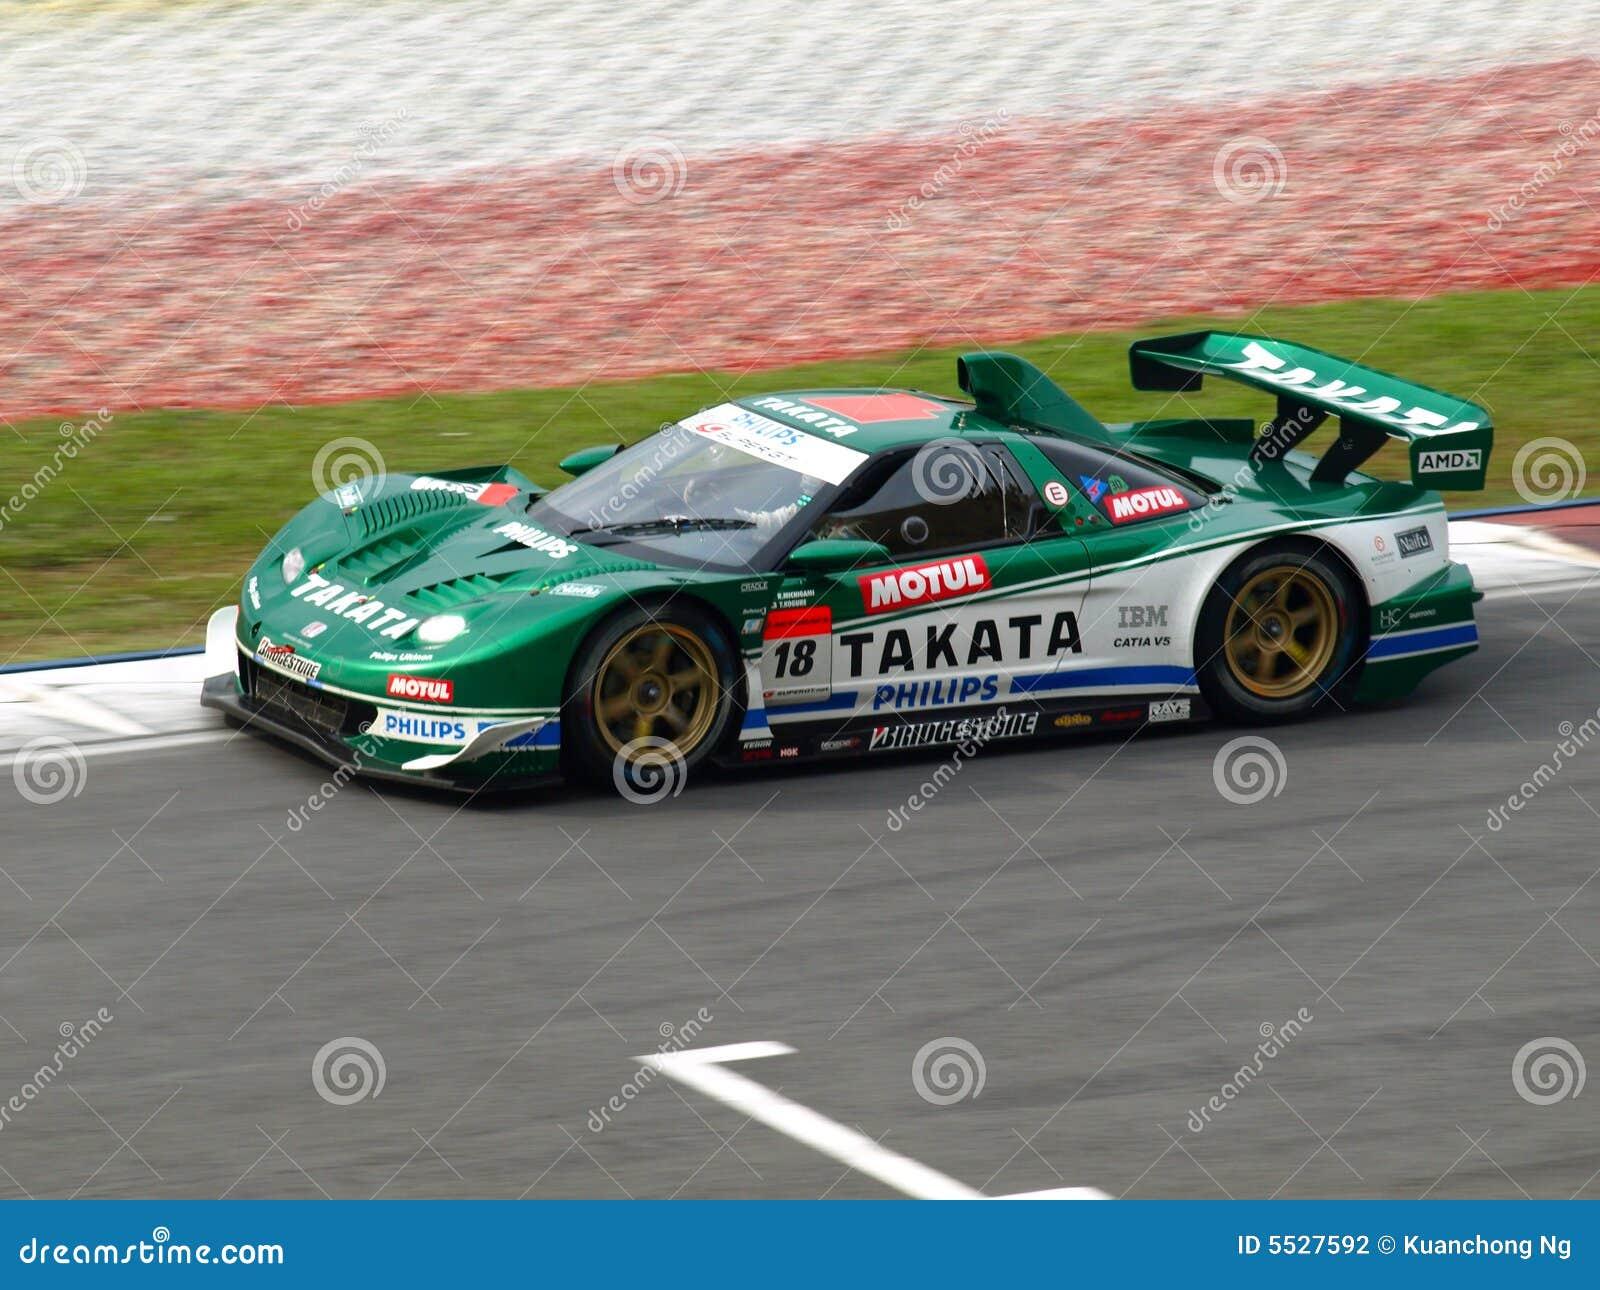 Le GT superbe - #22 MOTUL TAKATA